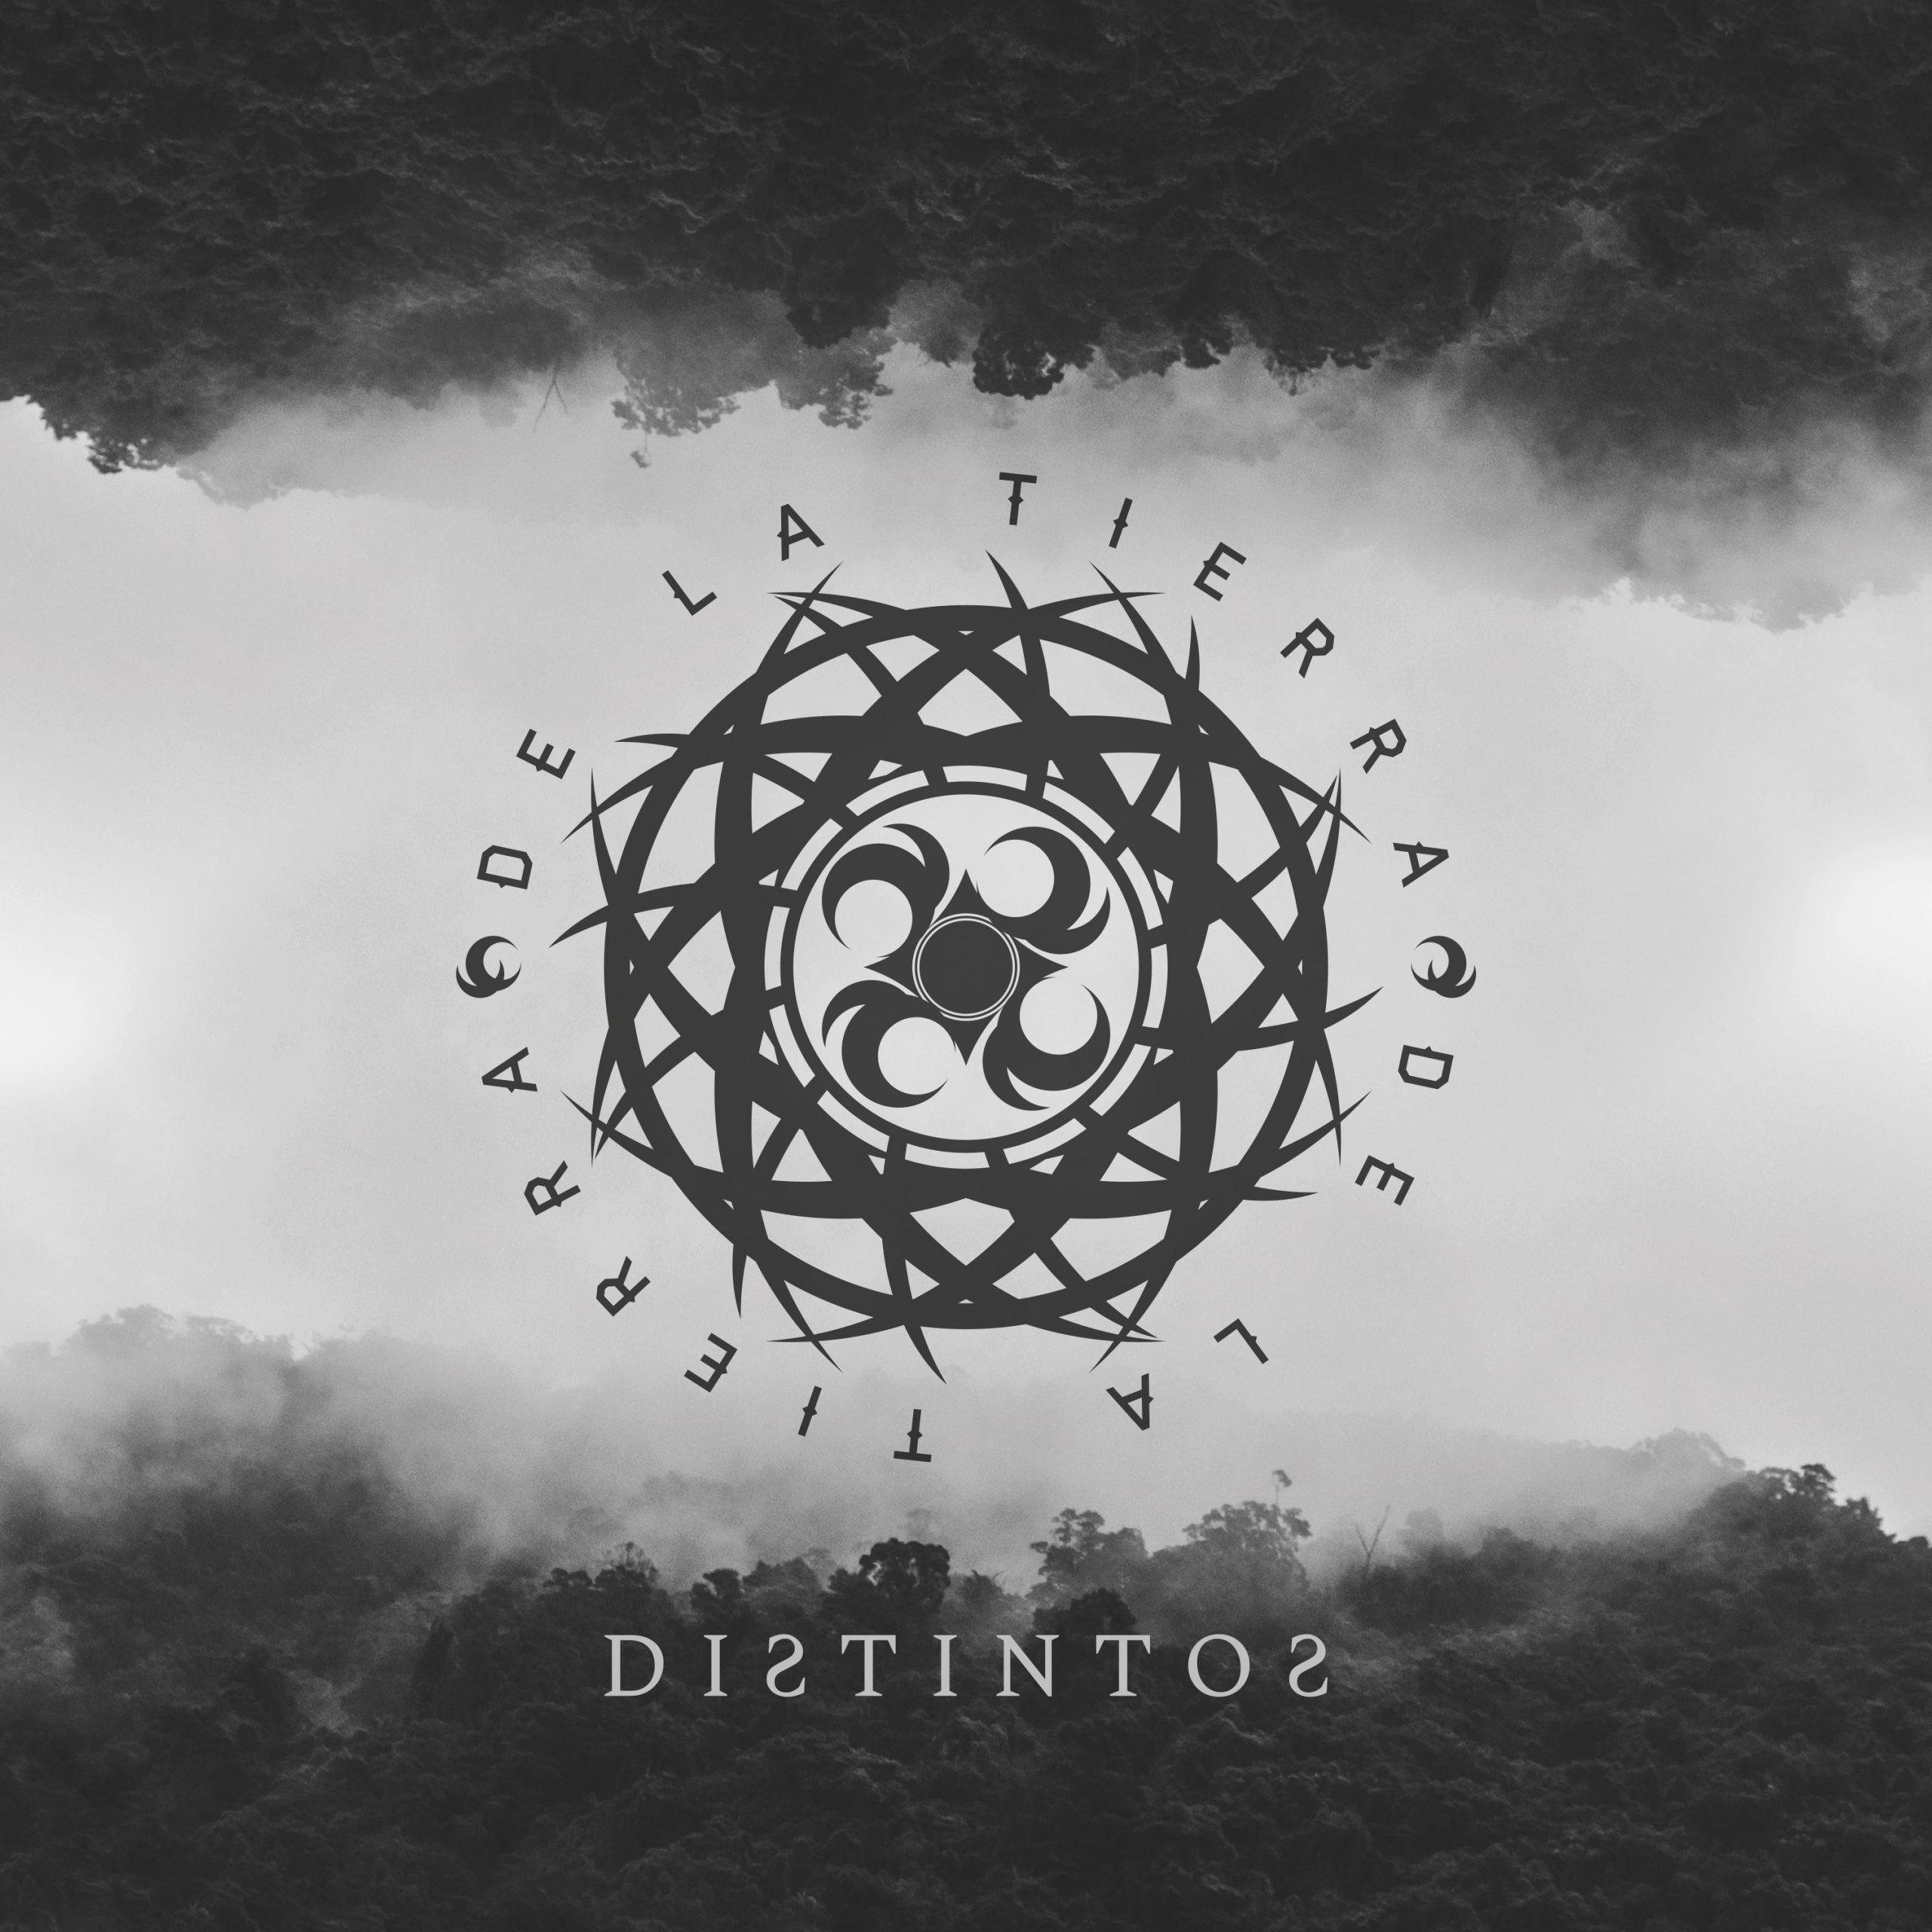 Distintos_DeLaTierra_Cover